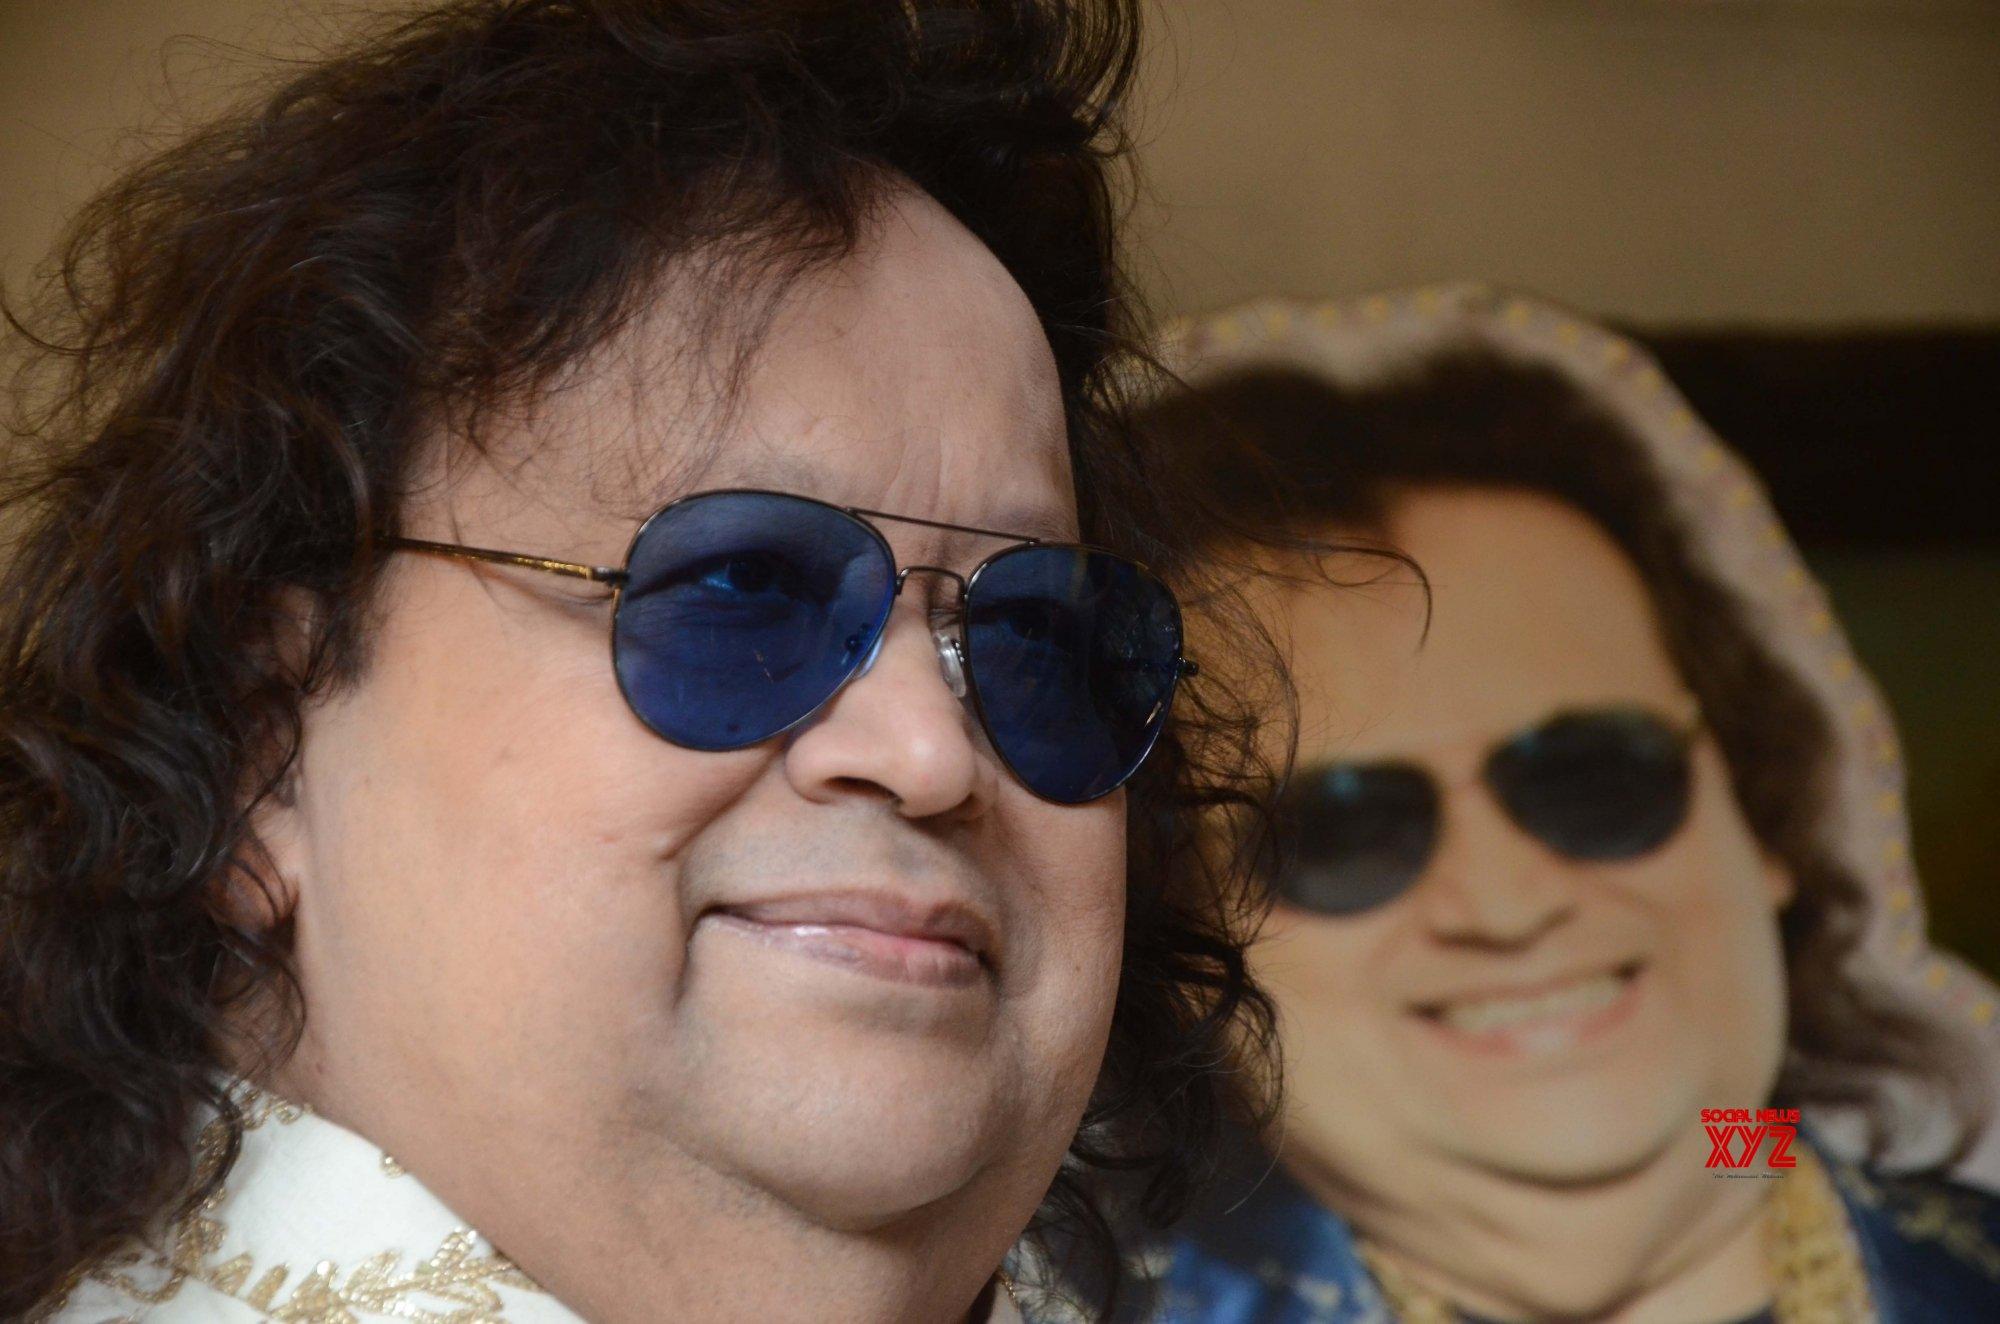 Bappi Lahiri to make a cameo in TV show